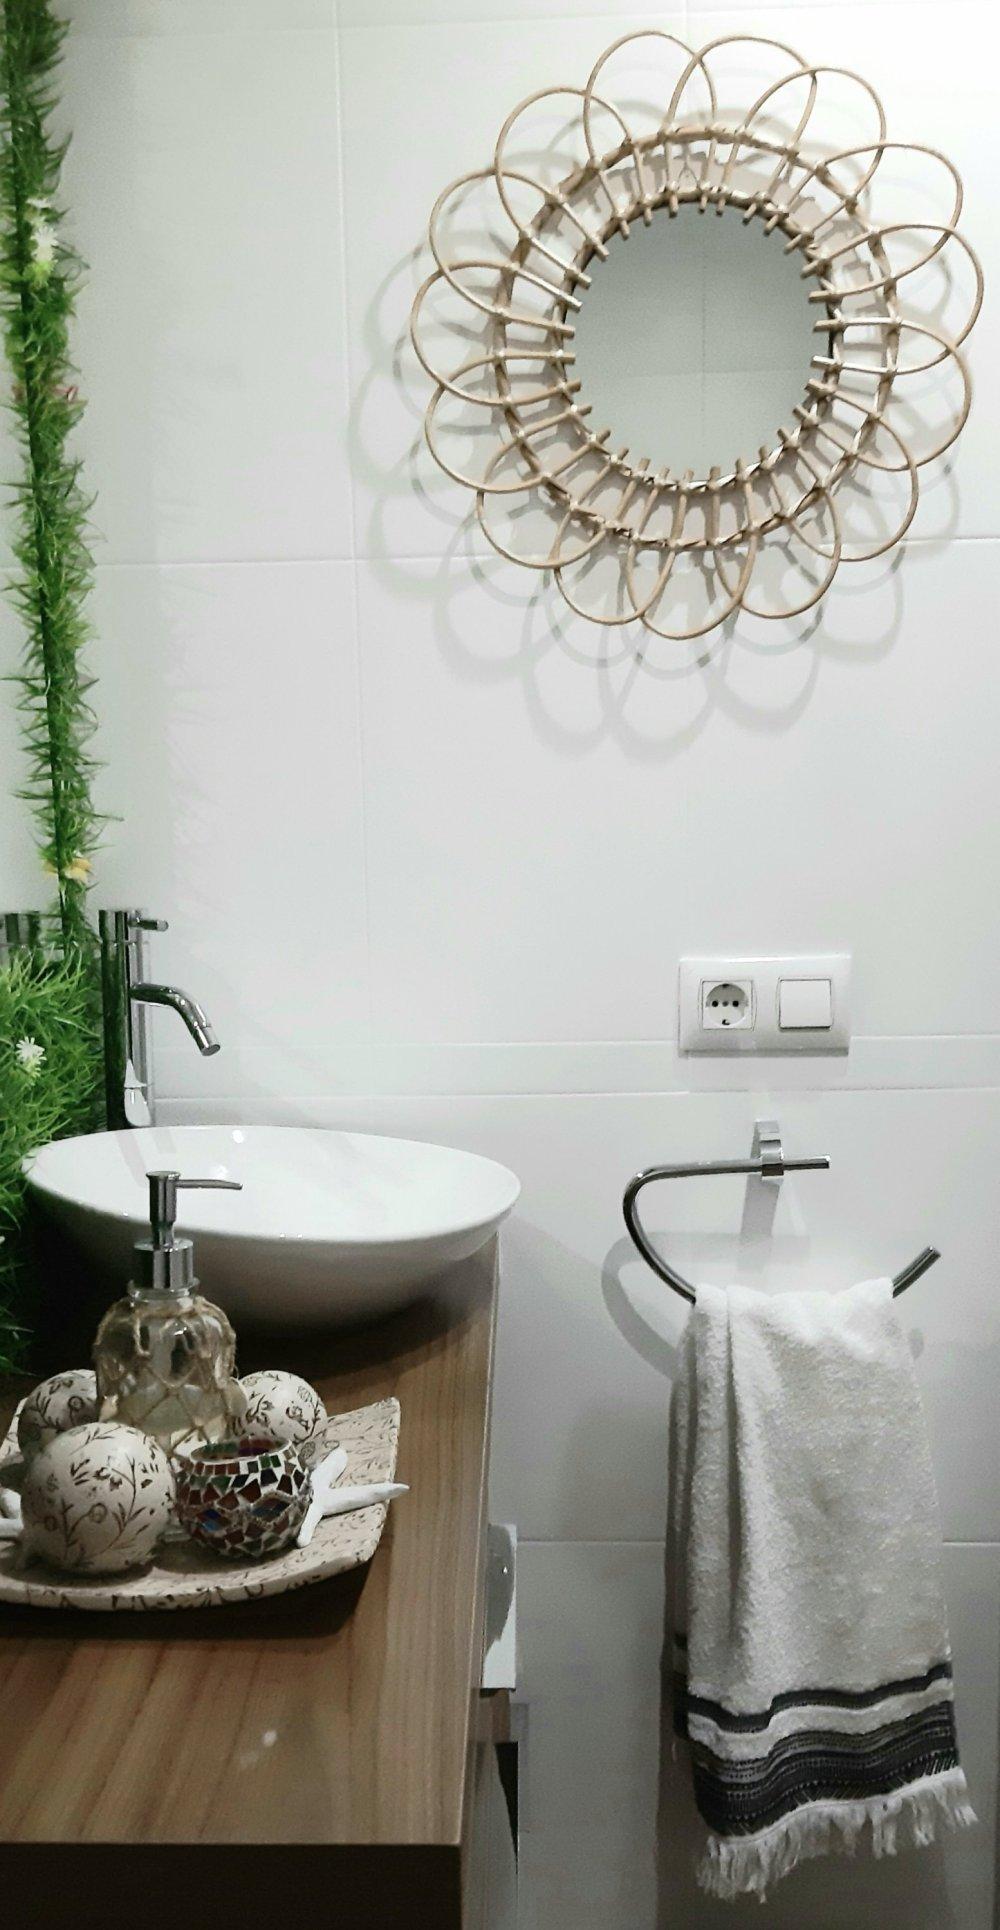 renovación baño_espejo ratán.jpg